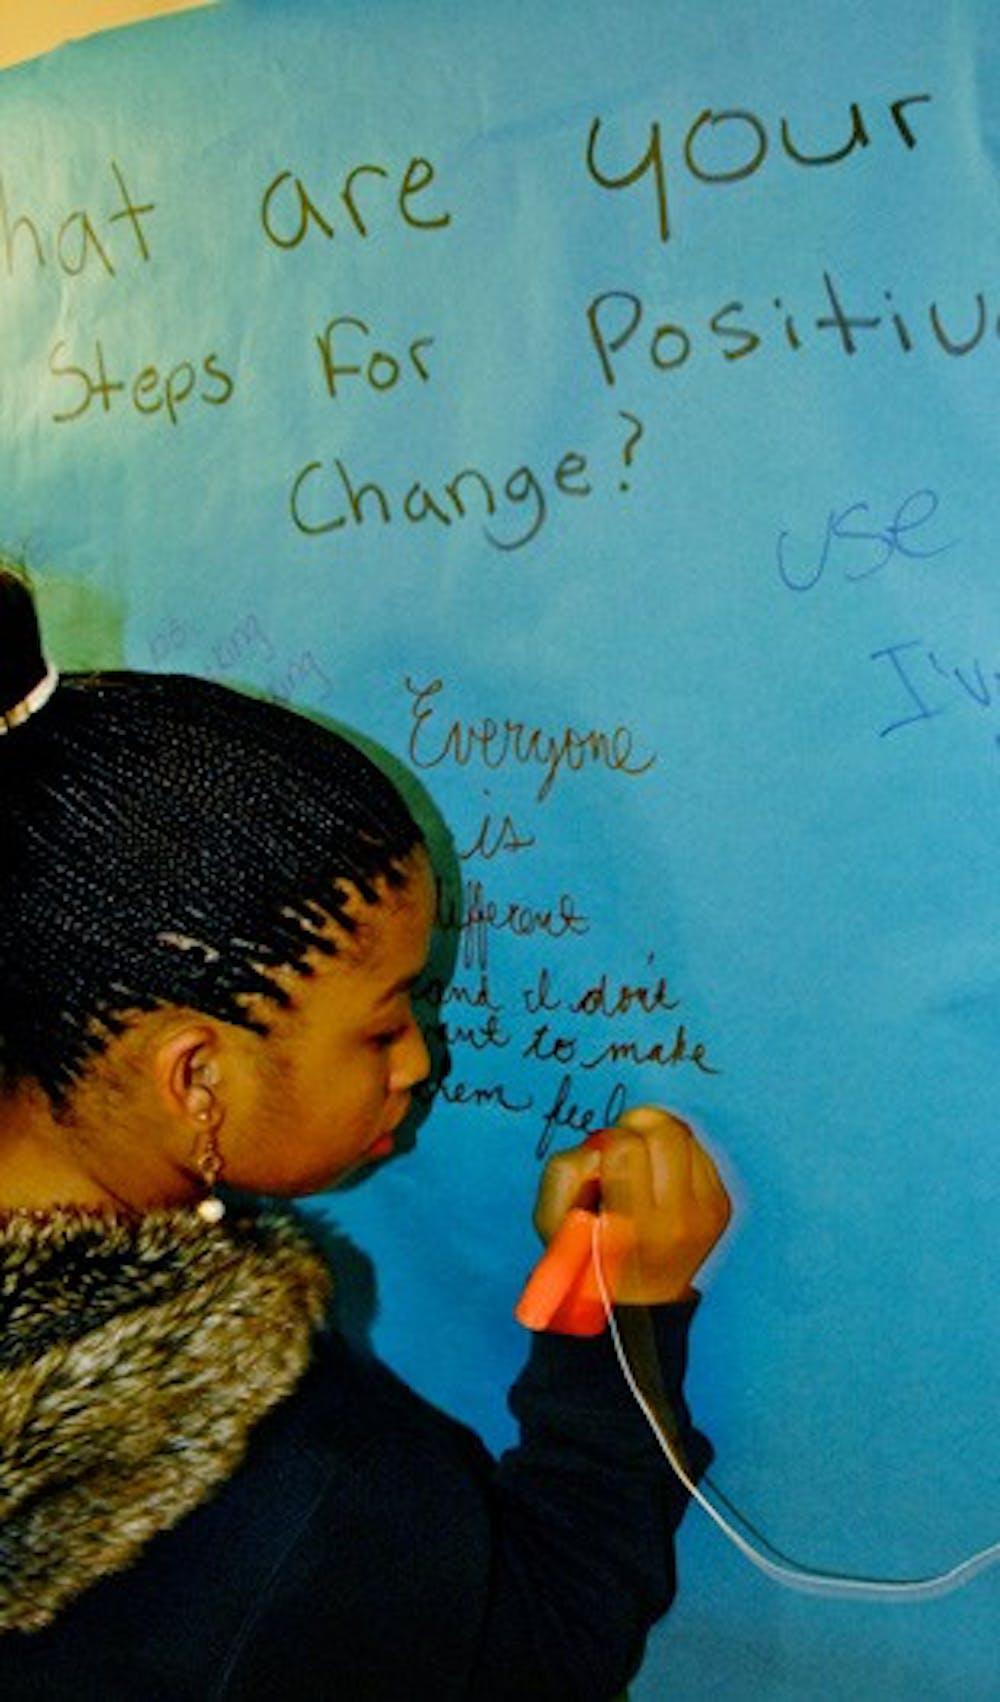 RHA hosts Tunnel of Oppression, teaches understanding